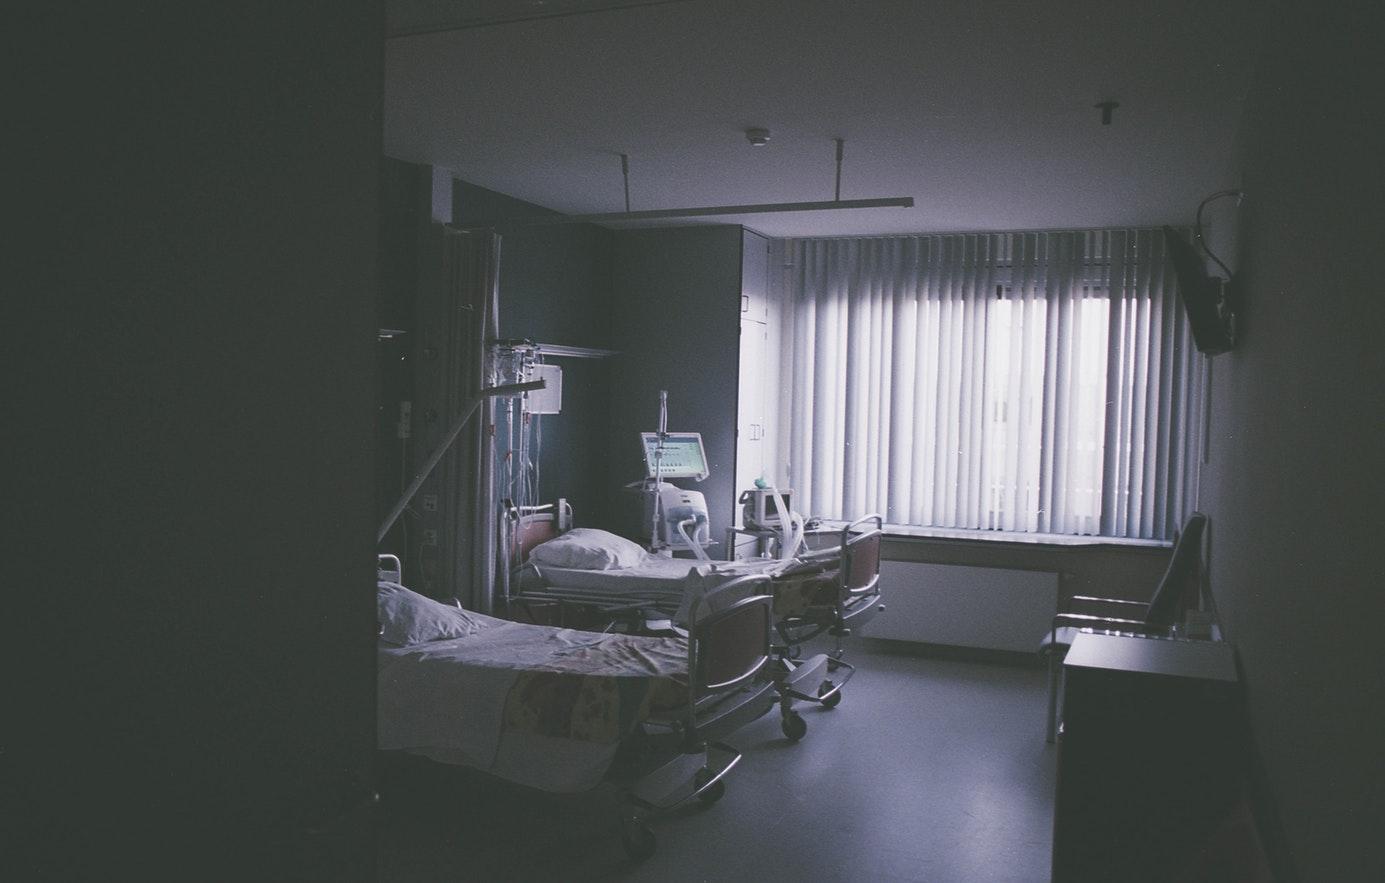 Γερμανία: Ληστές μπαινοβγαίνουν ανενόχλητοι στα νοσοκομεία